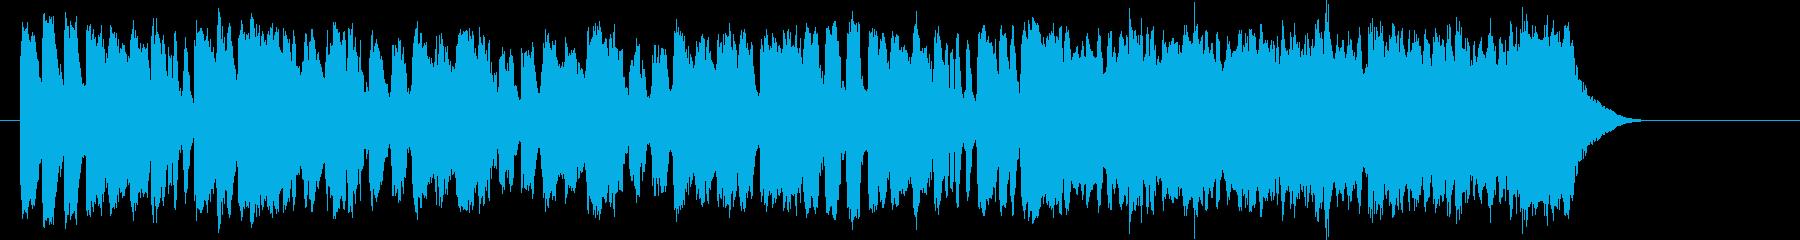 オープニング 優雅 伝統的 CM PRの再生済みの波形